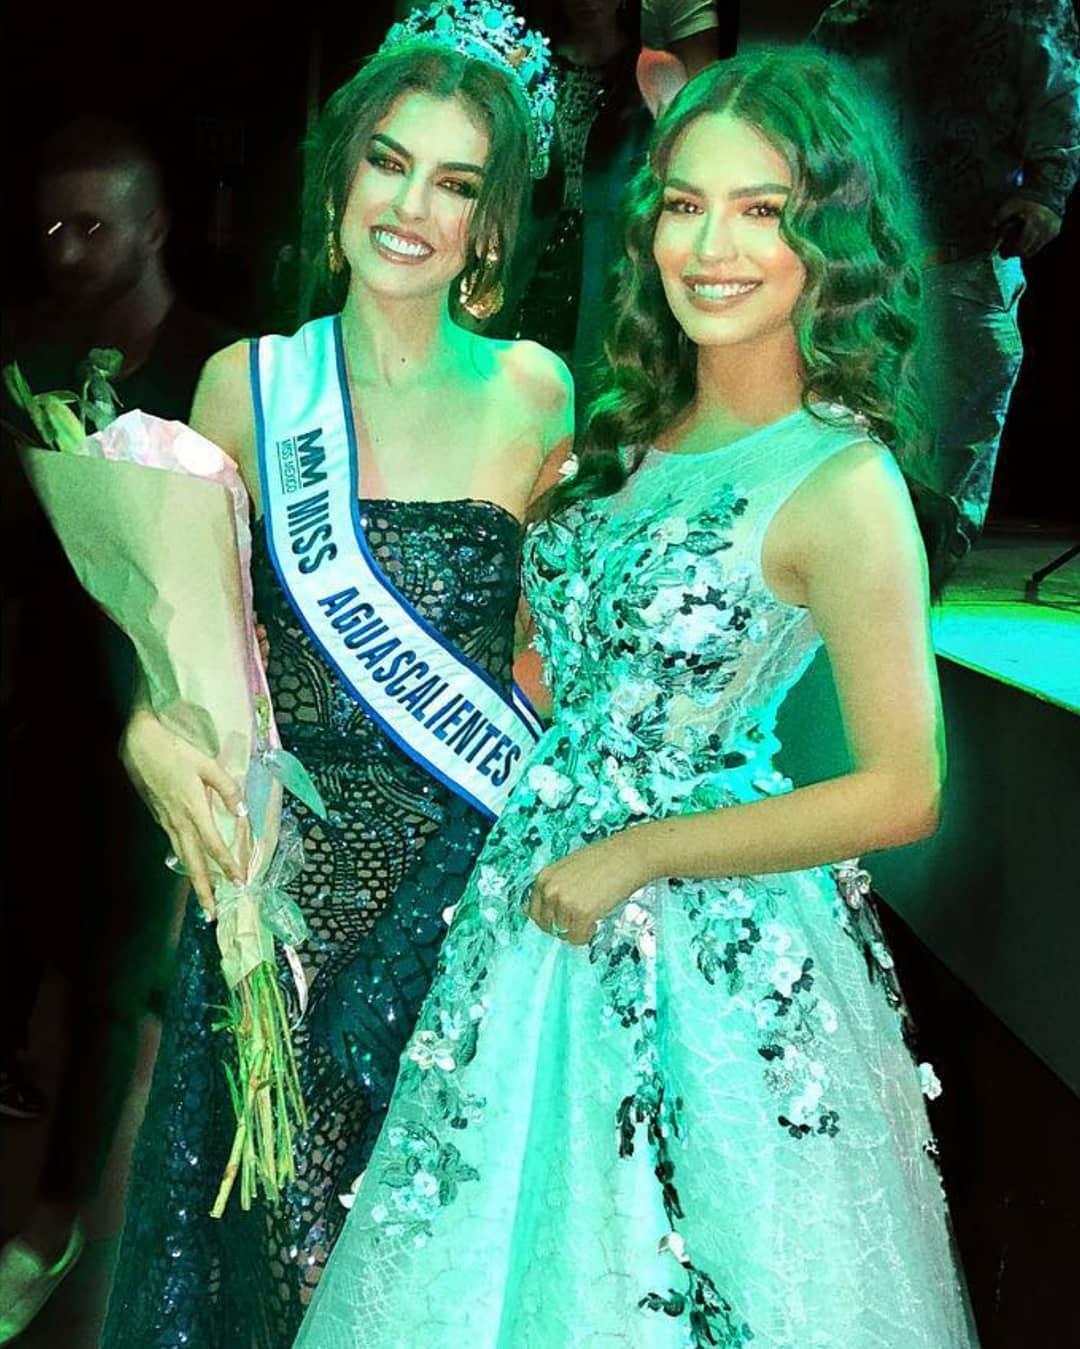 kenia ponce, segunda finalista de miss continentes unidos 2019. - Página 2 40744010